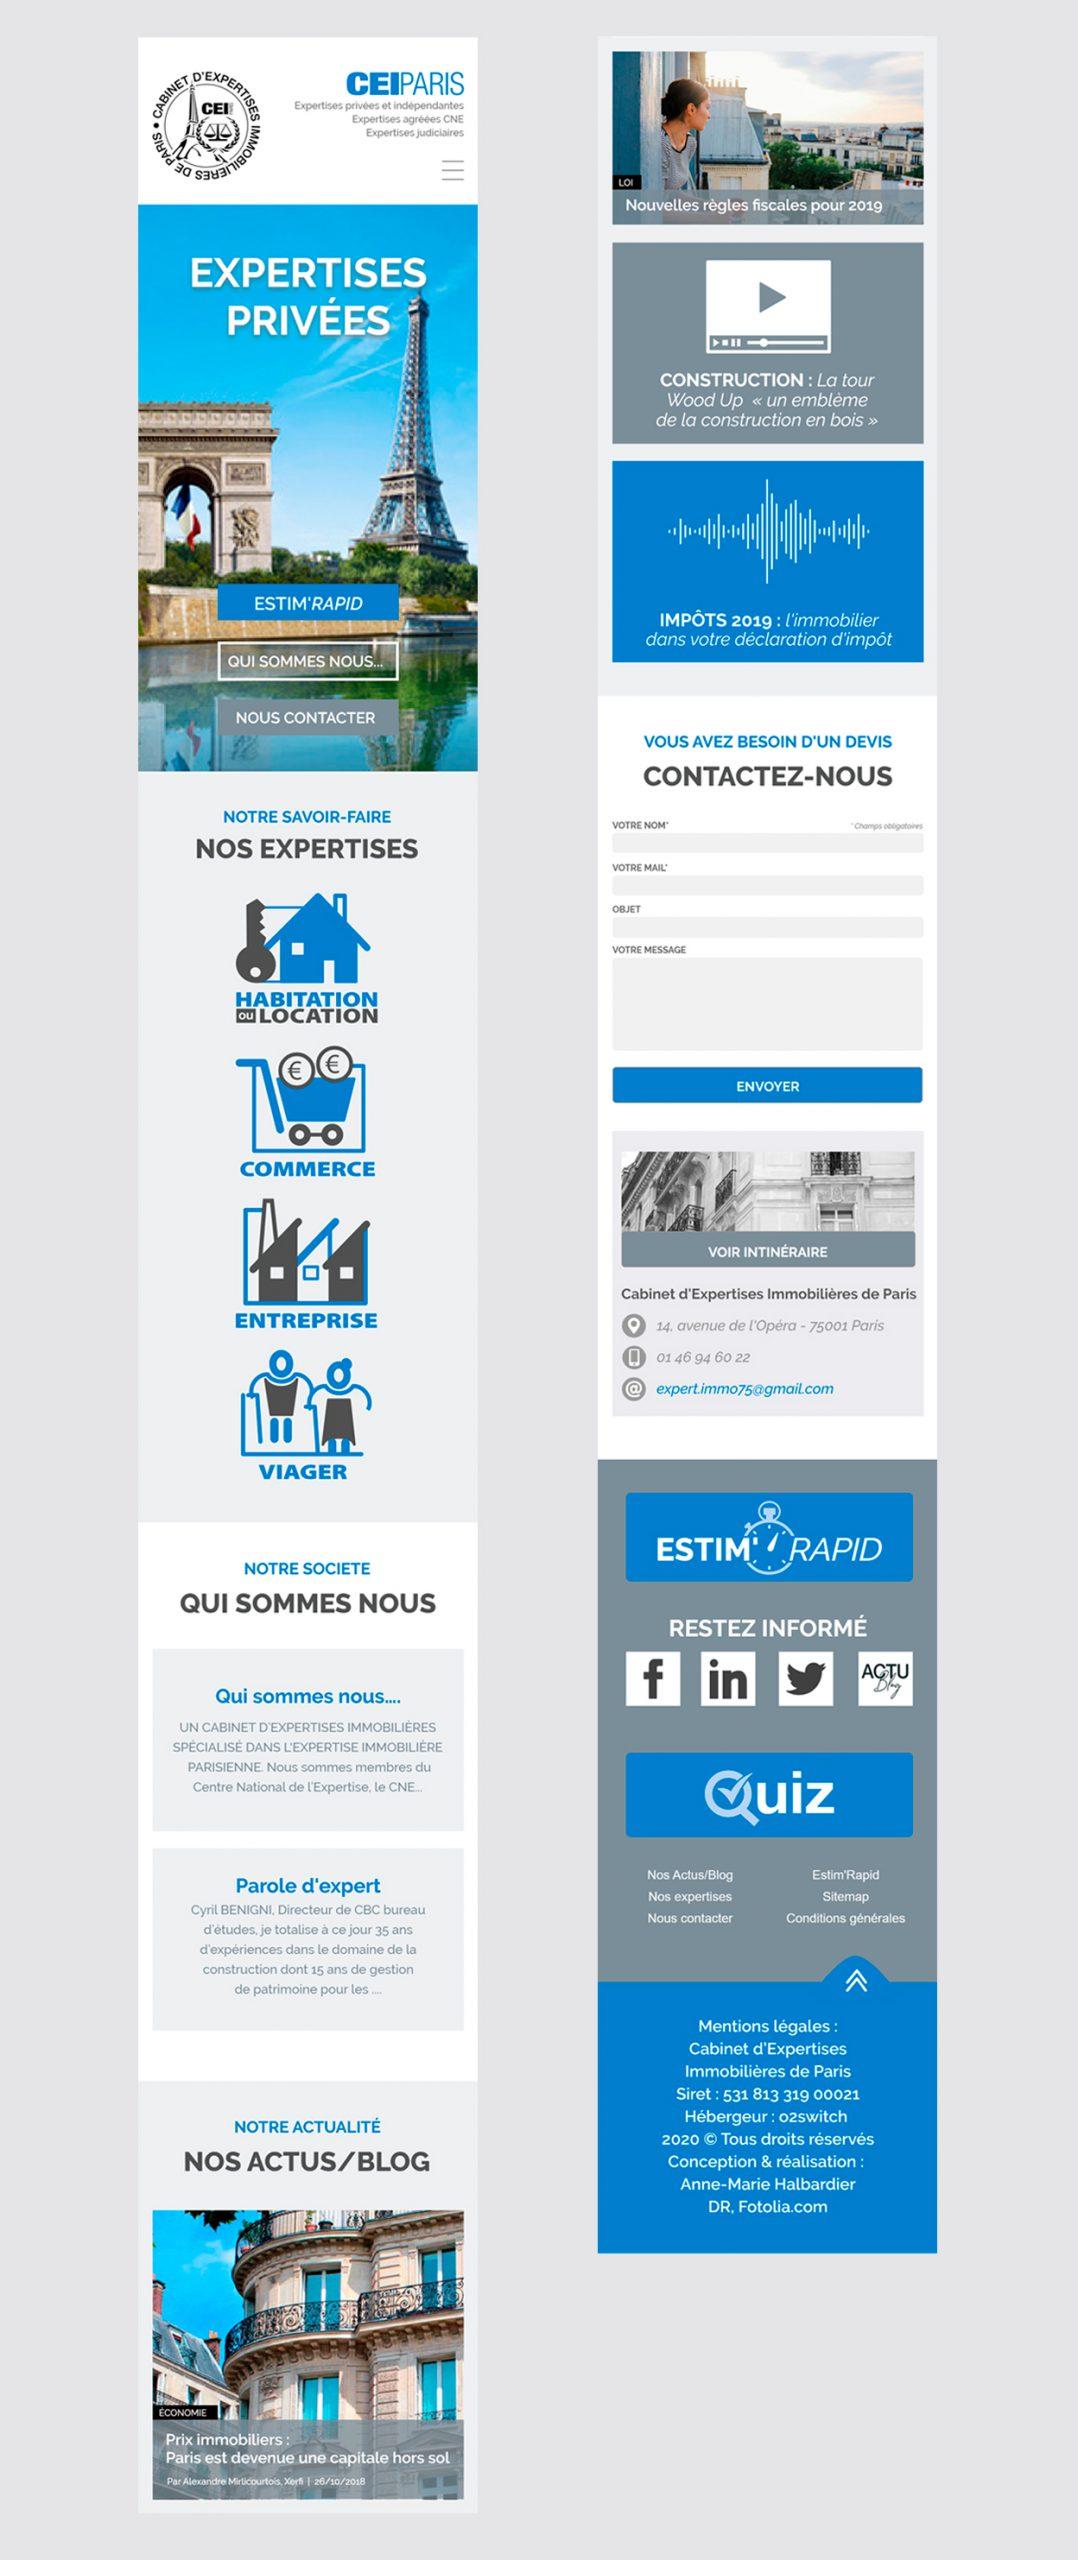 Maquette de la version Mobile du site de CEI PARIS.